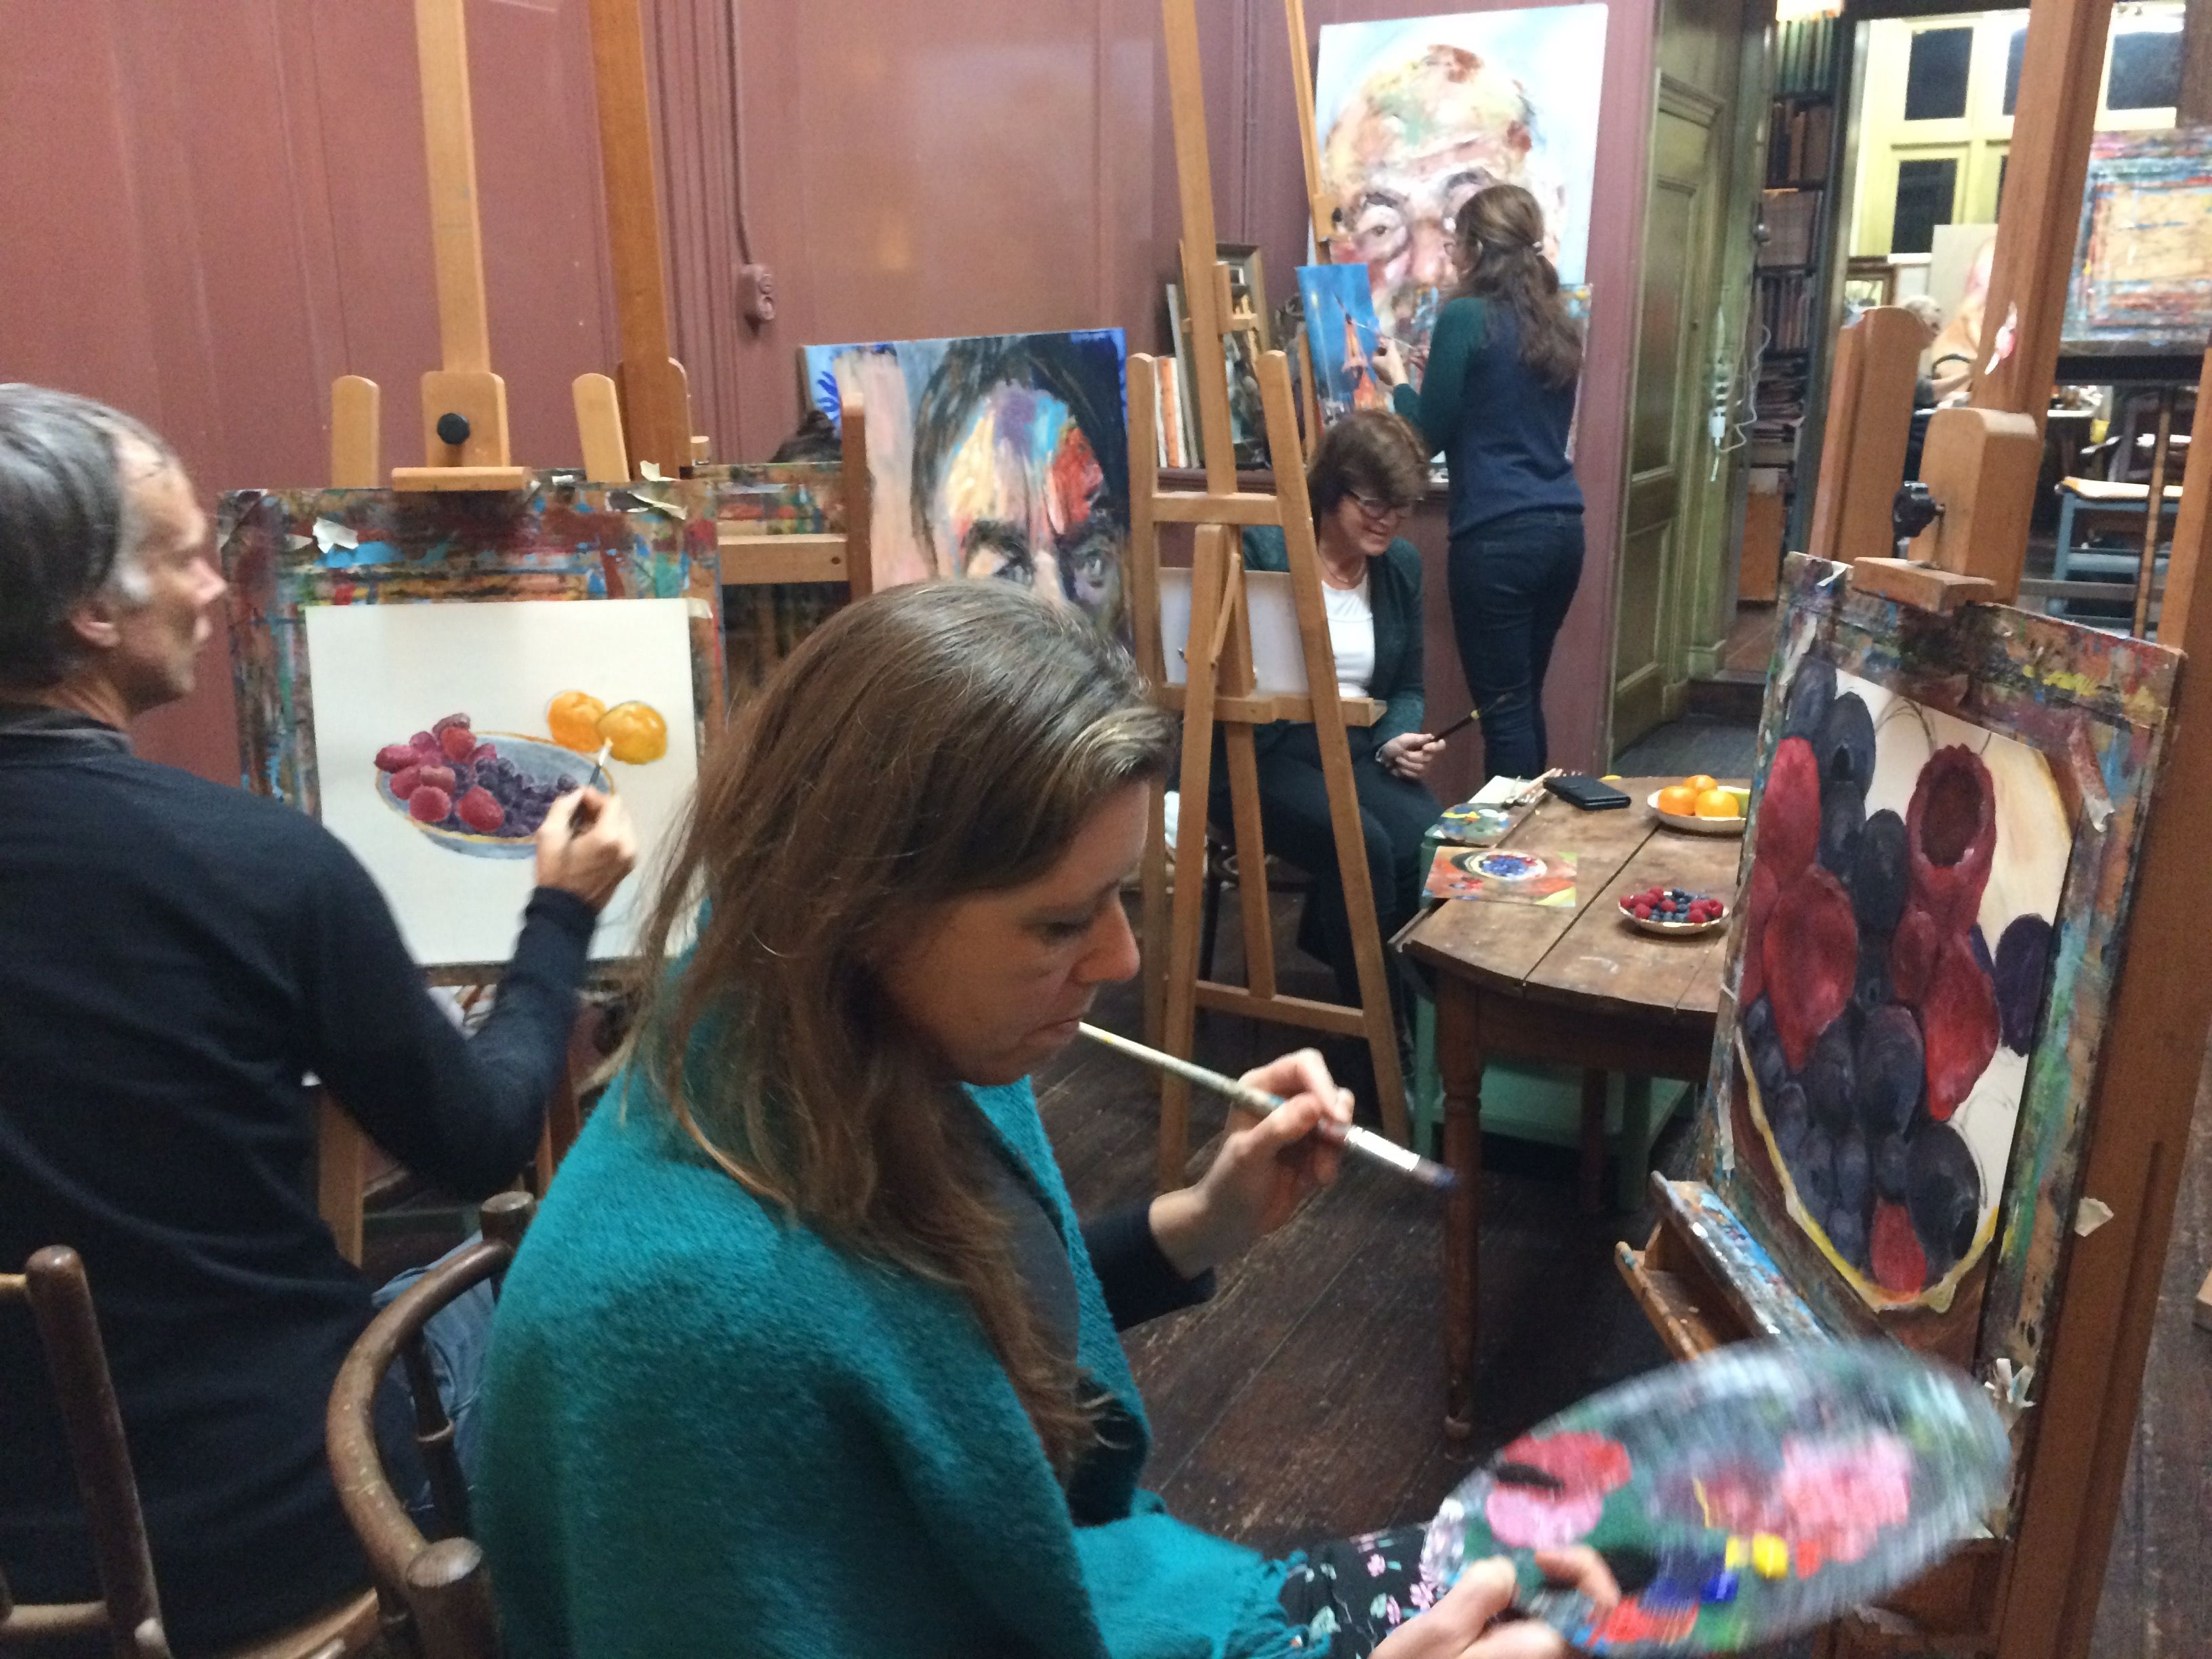 Teken-, schilderles atelier #Haarlem